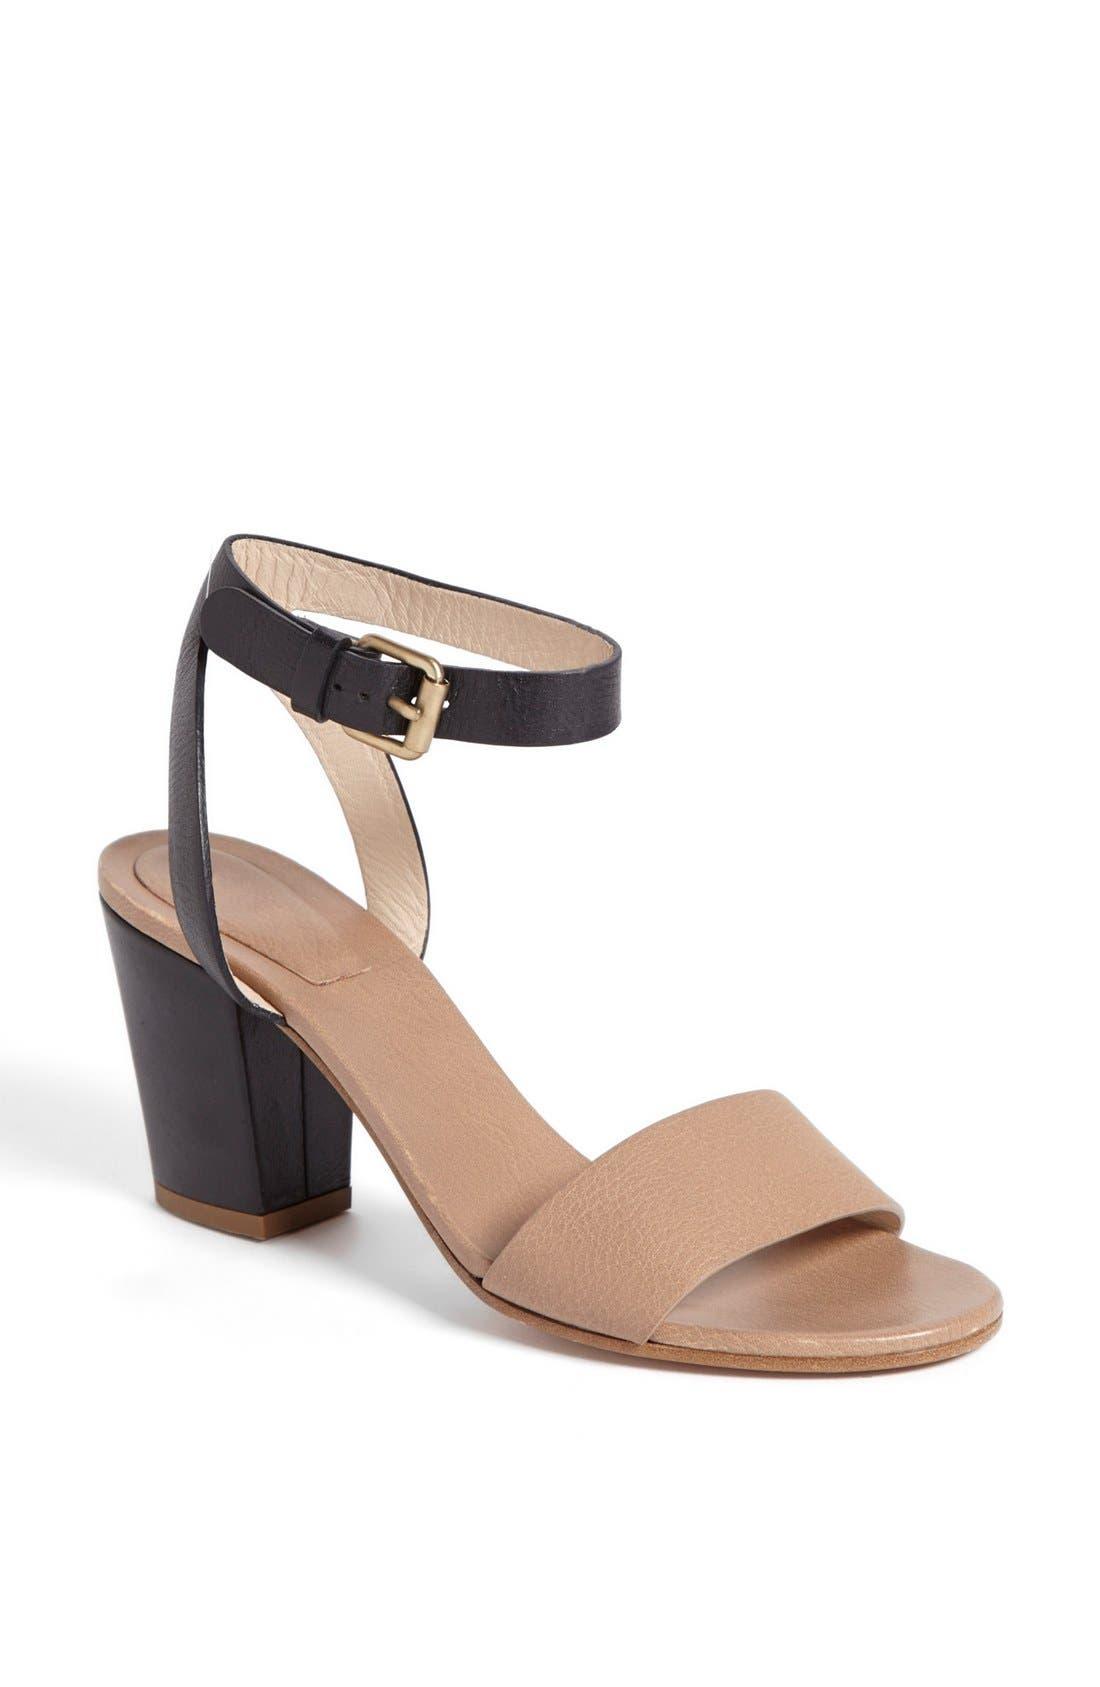 Alternate Image 1 Selected - Chloé 'Heloise Udine' Bicolor Sandal